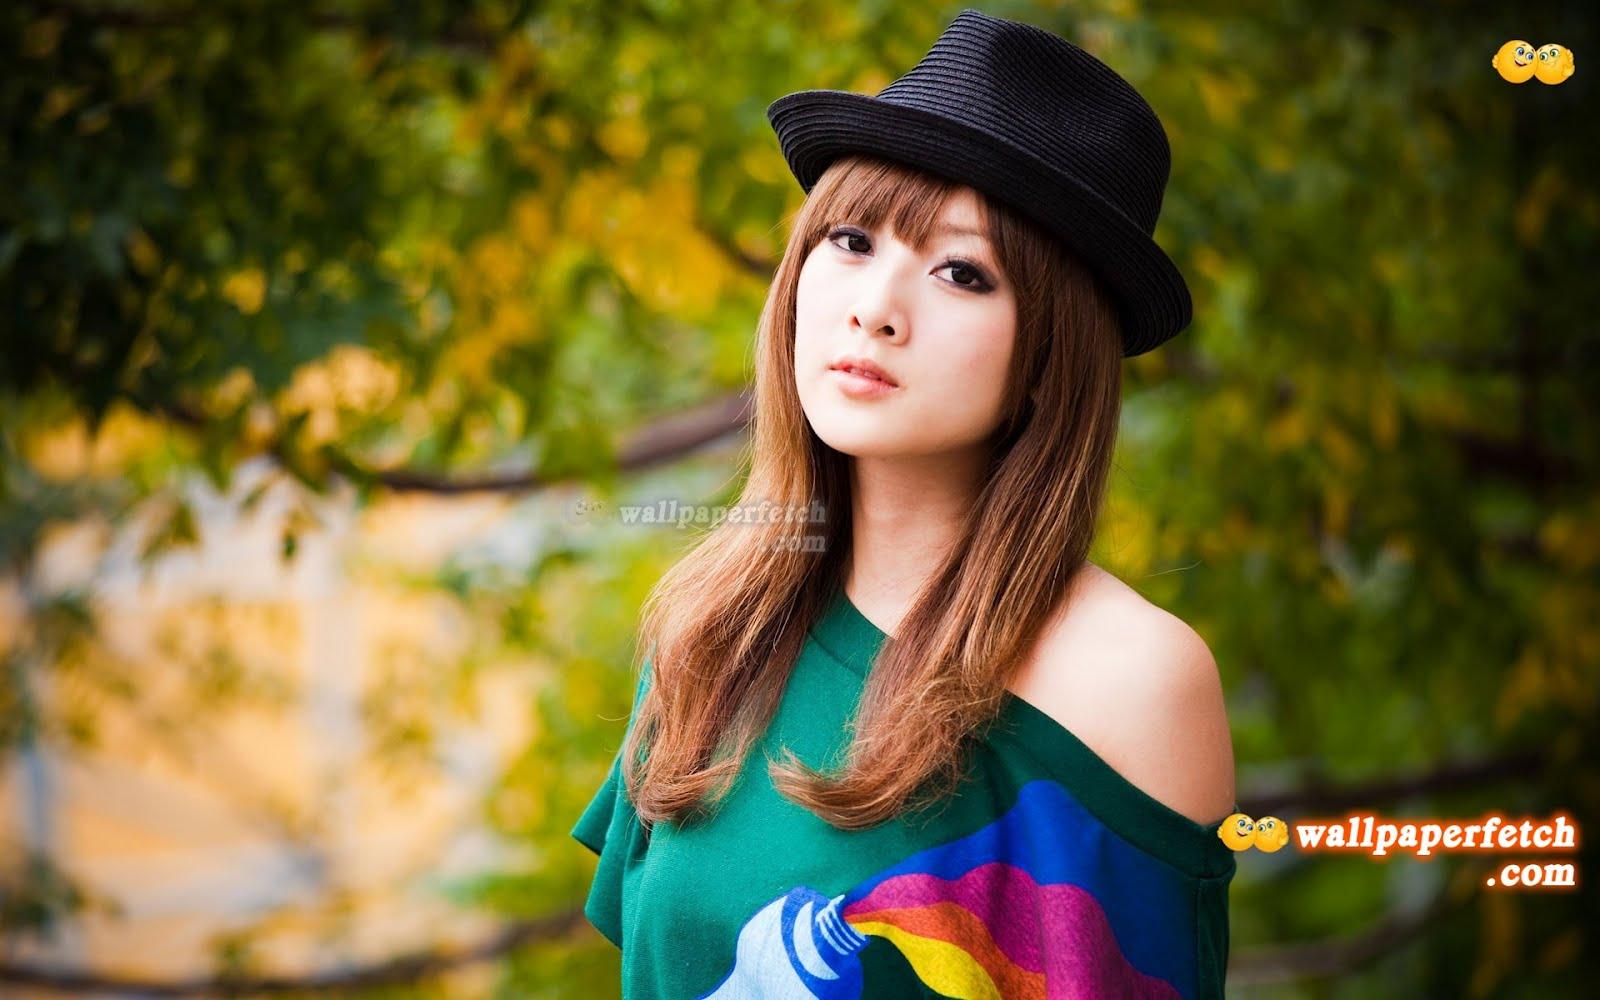 http://2.bp.blogspot.com/-24JRbeH2_B8/T5GJMMzyuBI/AAAAAAAAI6c/gkQpLdF5Bq8/s1600/Mikako_Wallpaper_1920x1200_wallpaperherem.jpg